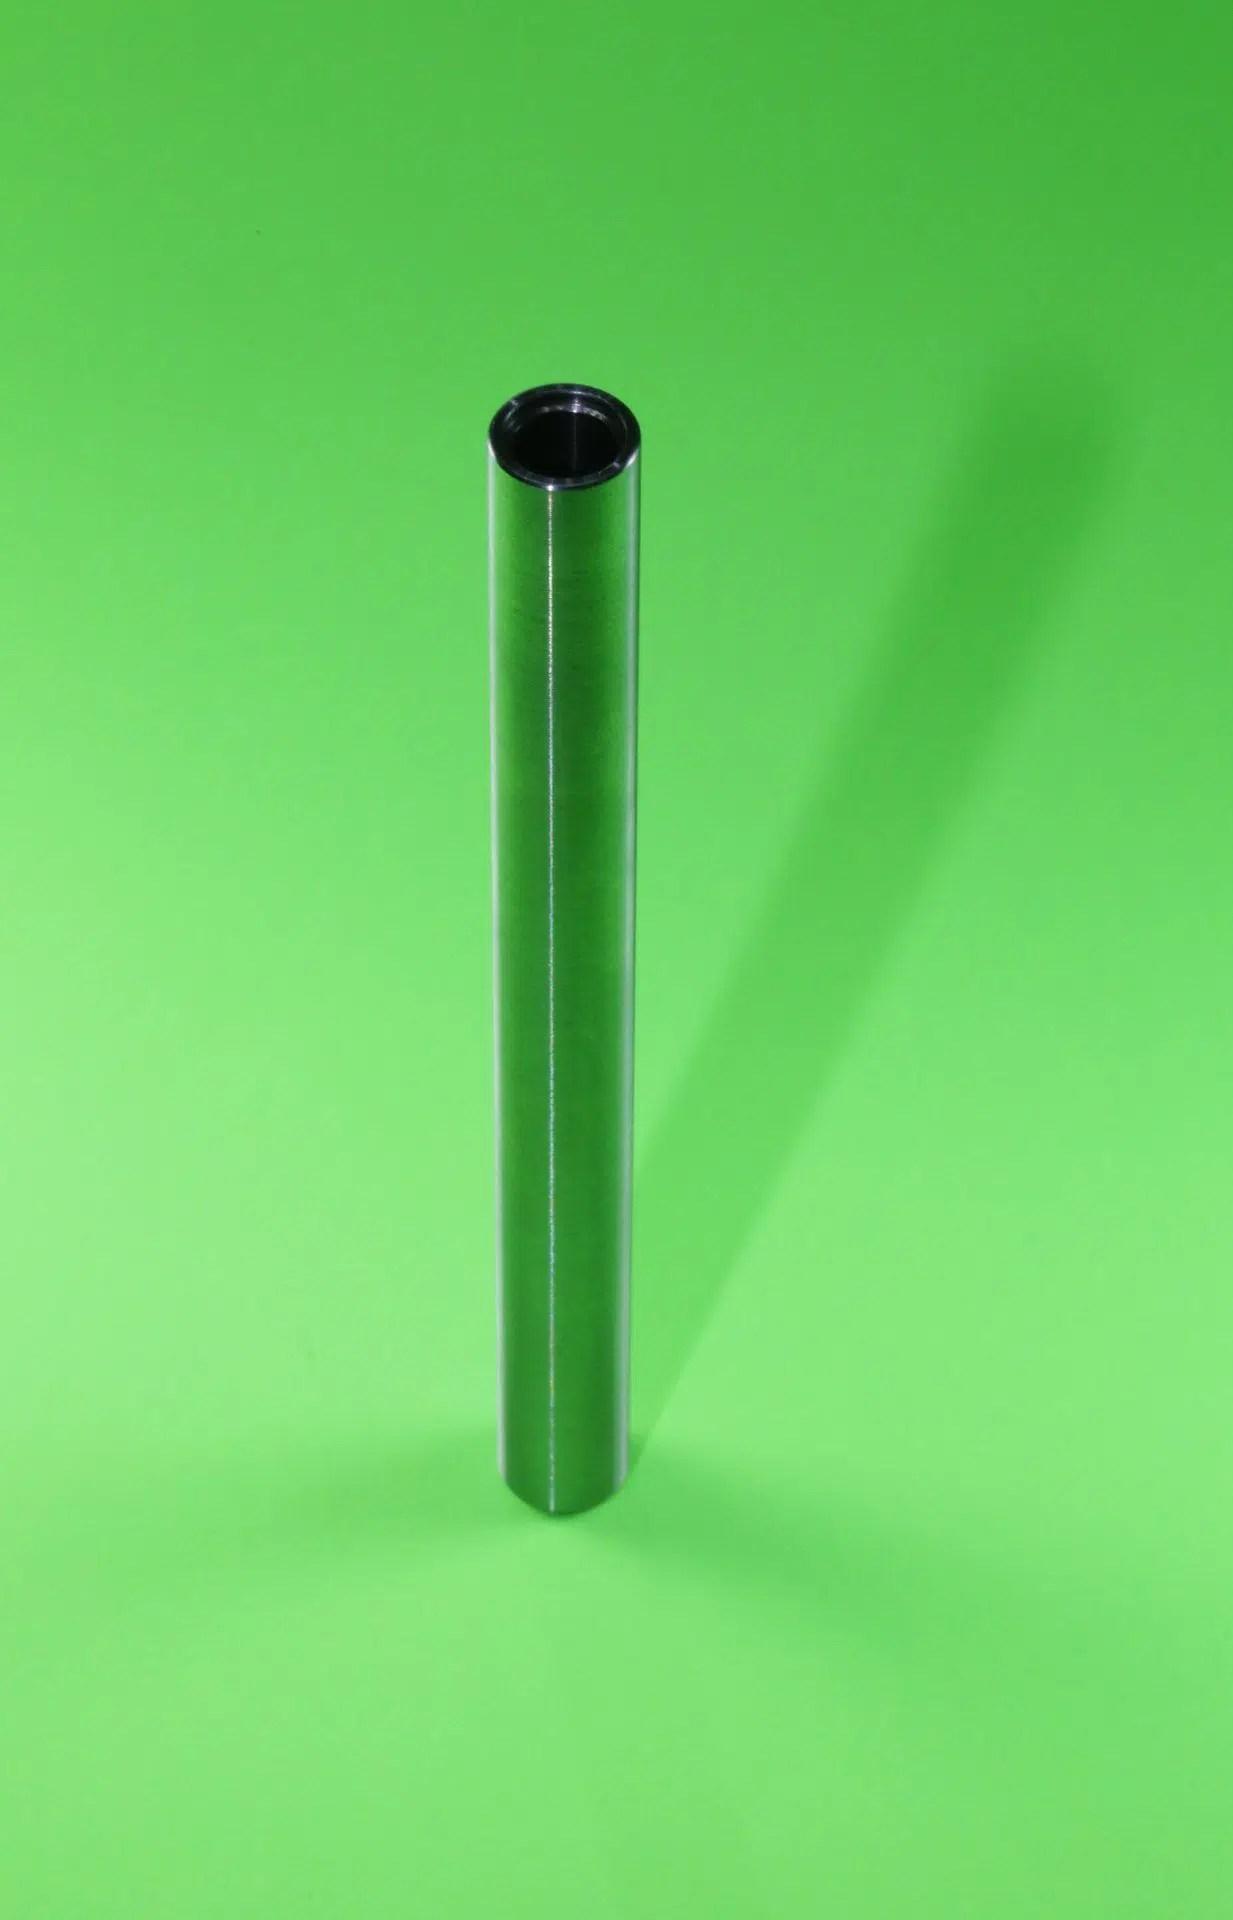 Chaszel 357 Barrel Liners